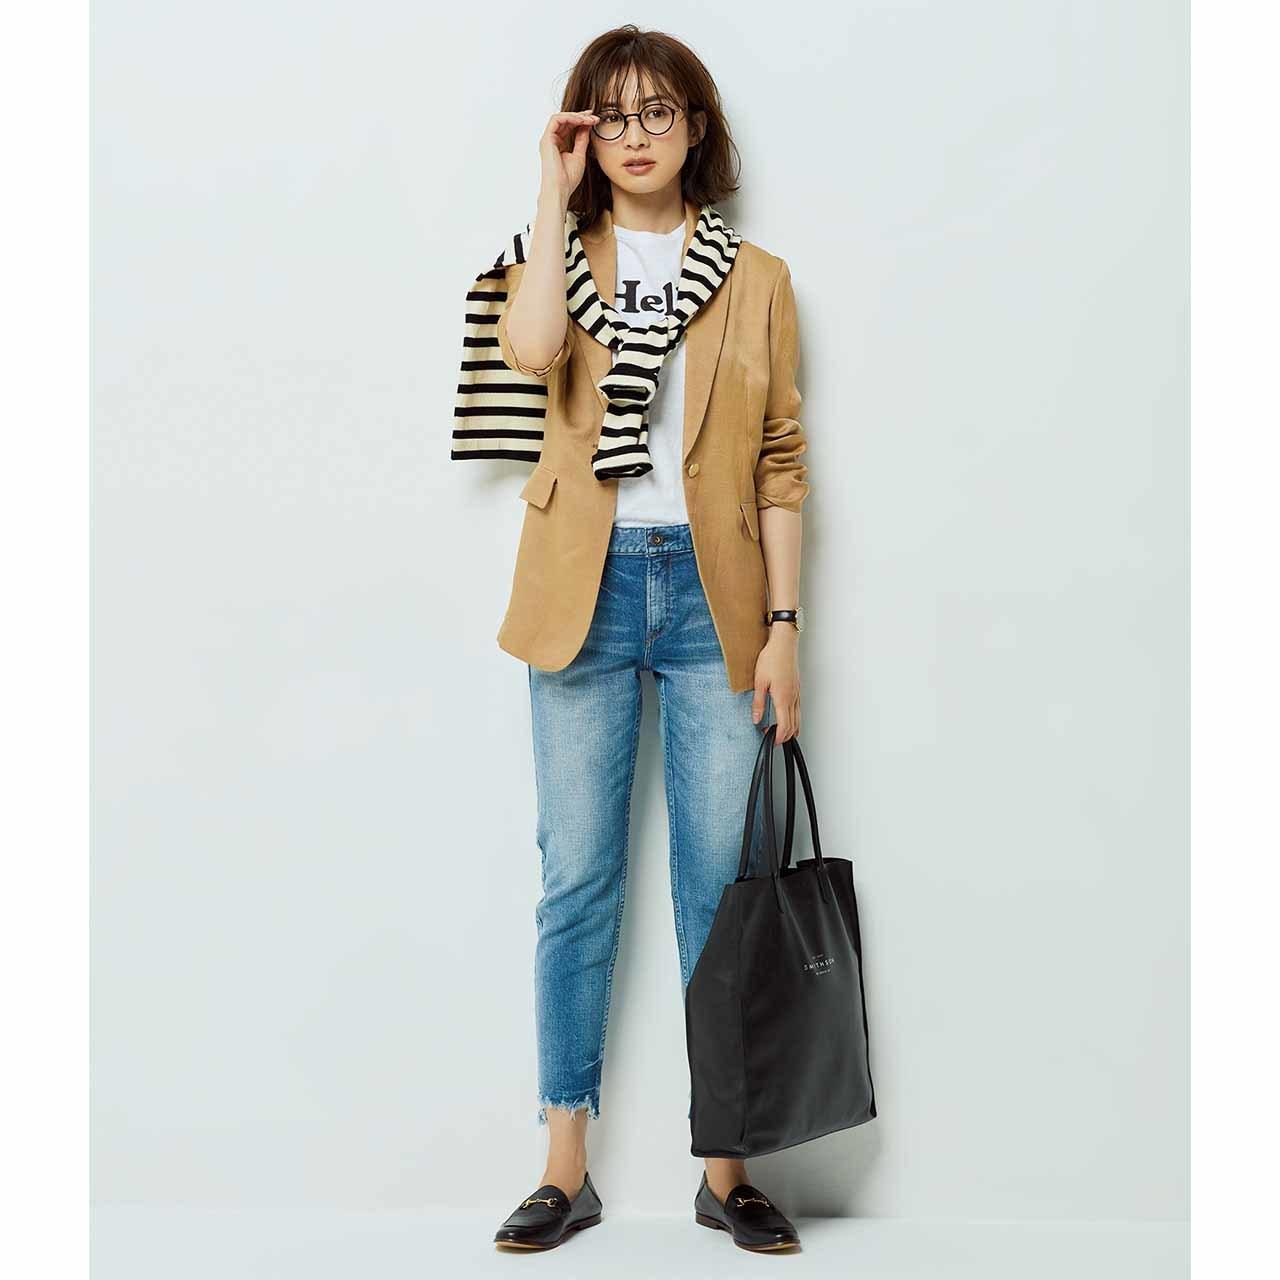 レリタージュのジャケット×デニムトコーデを着たモデルの高垣麗子さん